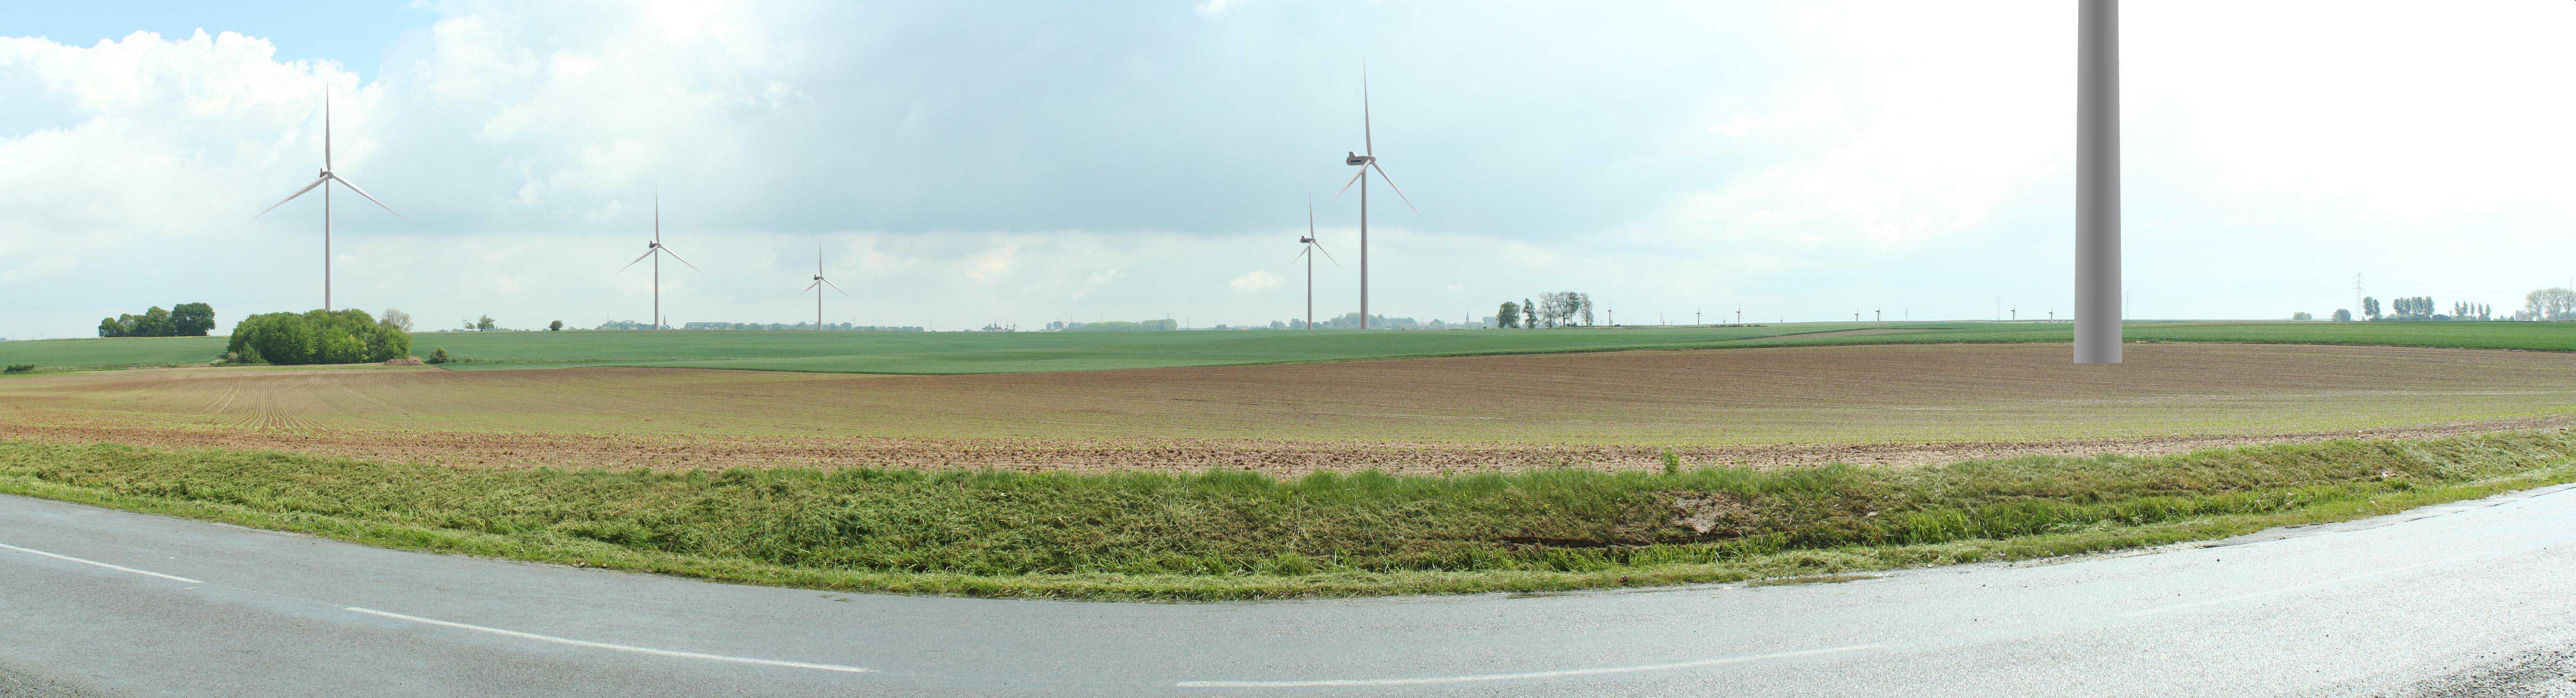 Parc éolien Bois de Saint-Aubert